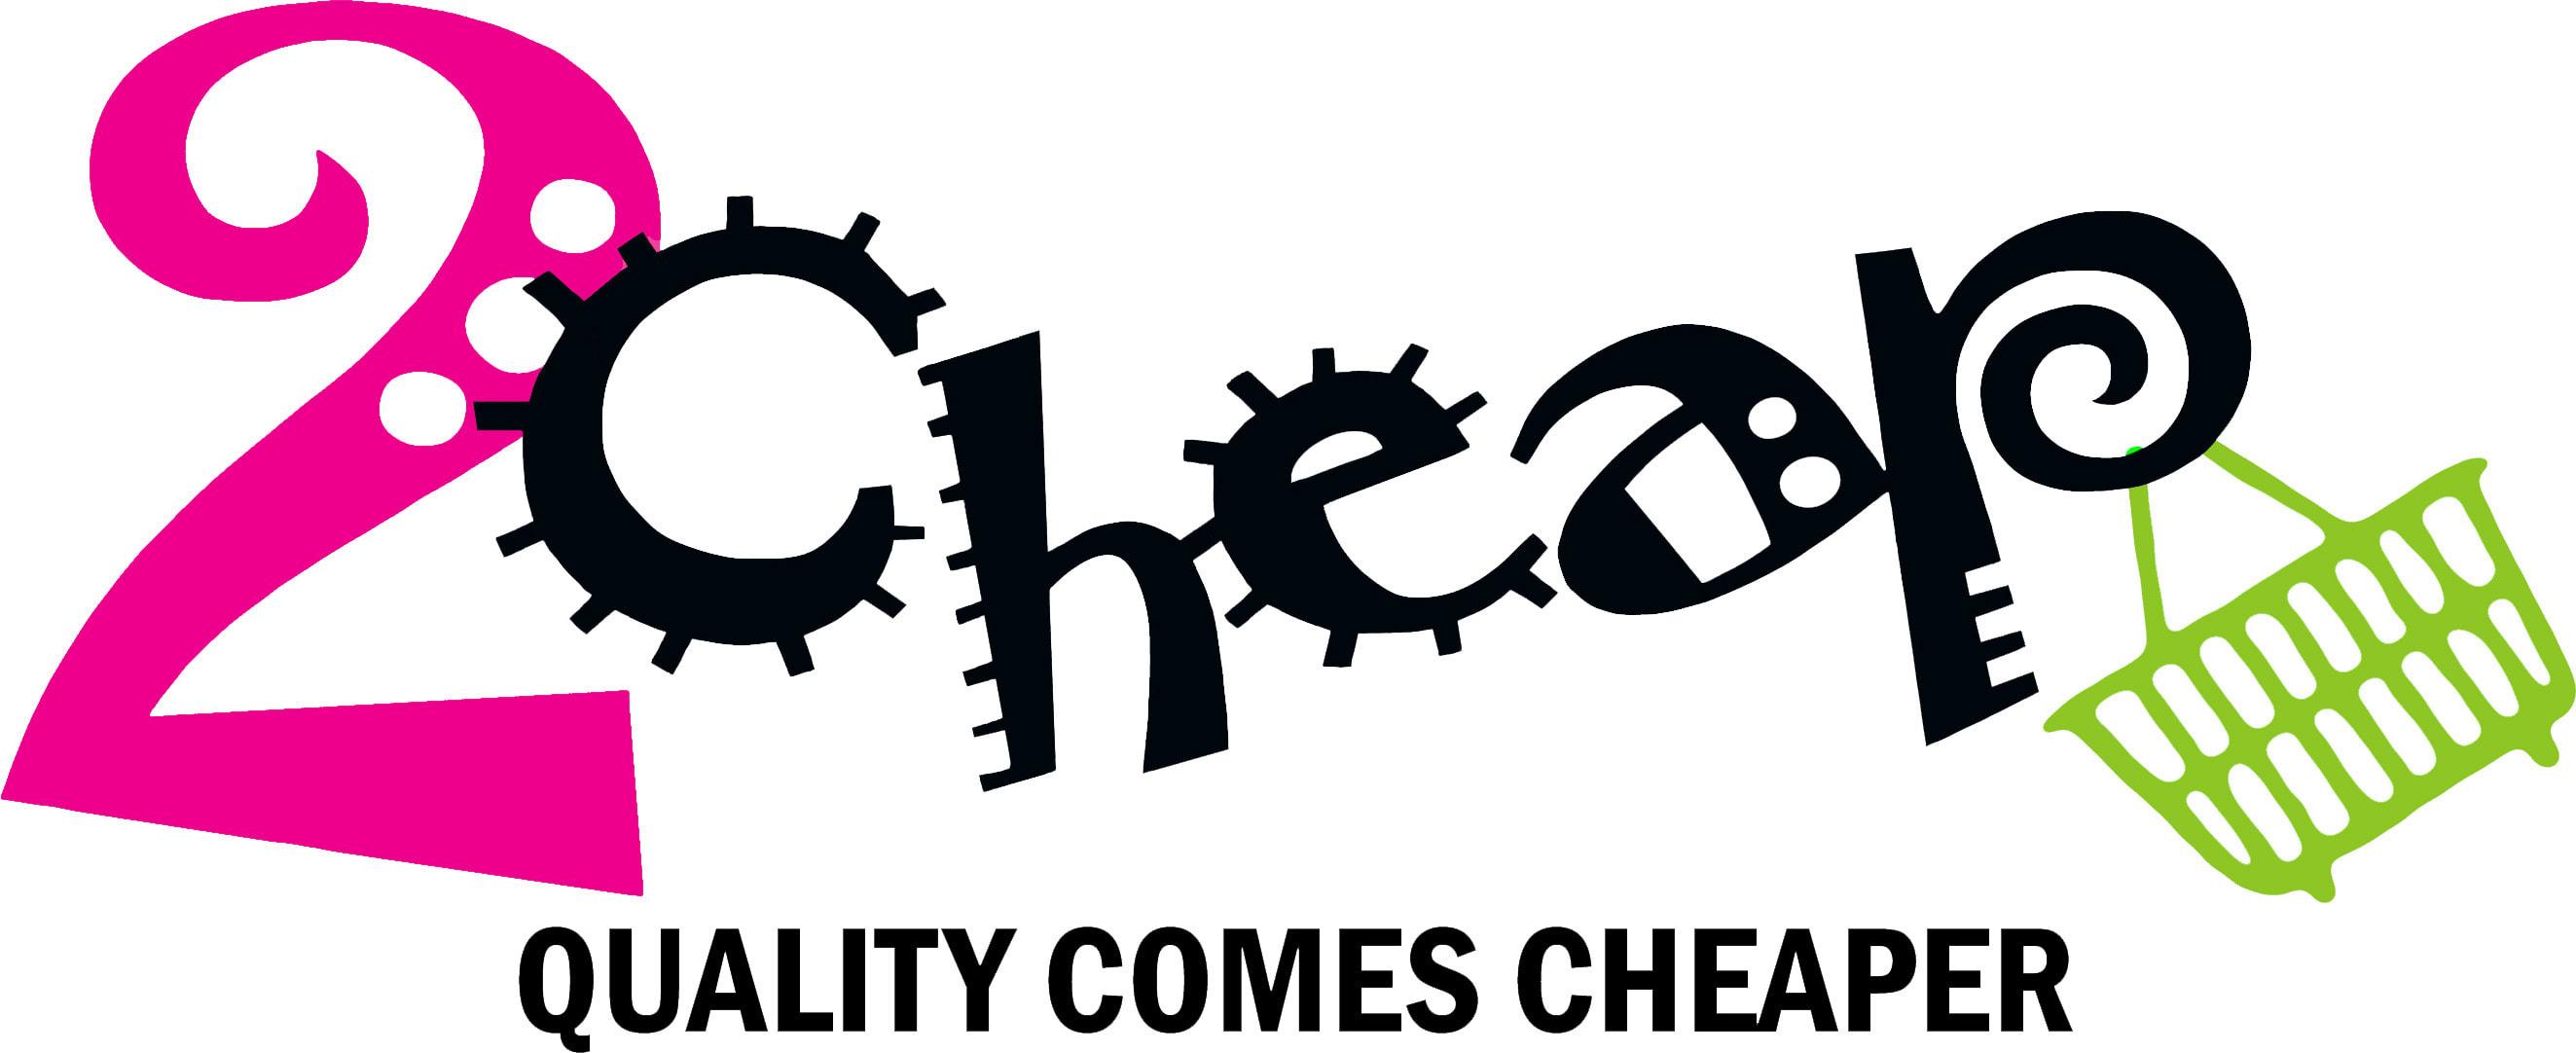 2 Cheap